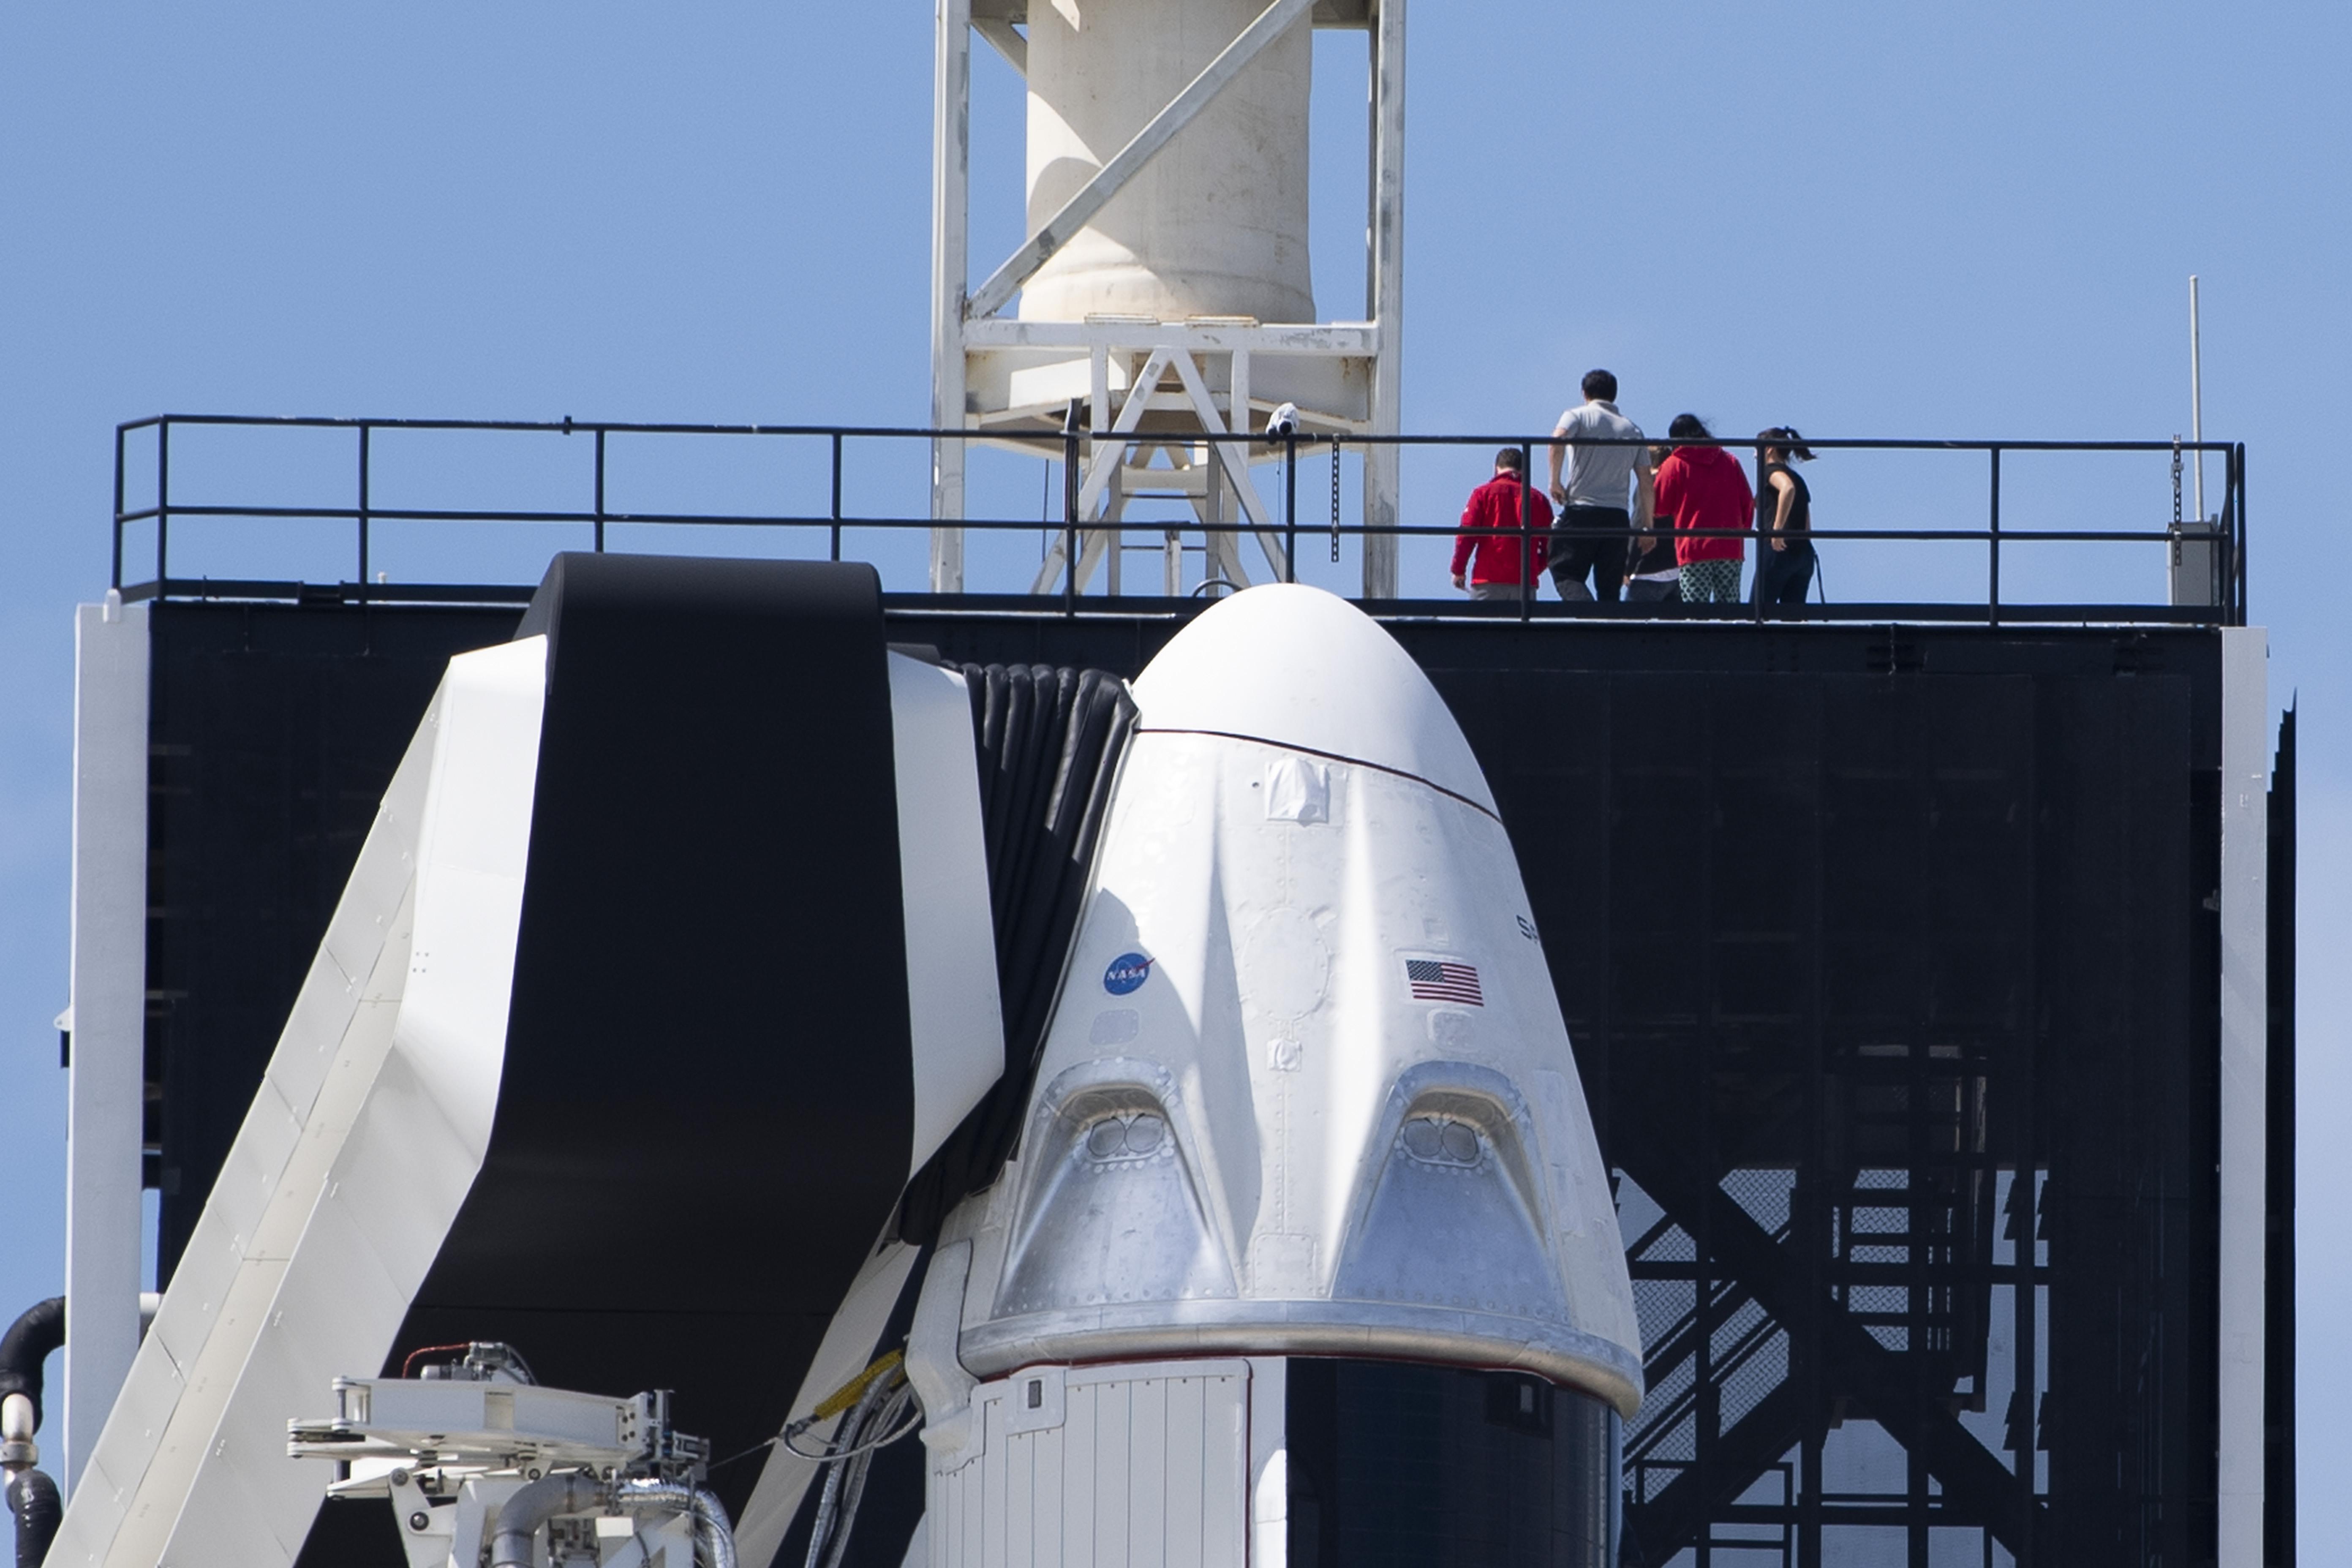 Útra kelt a SpaceX űrkapszulája